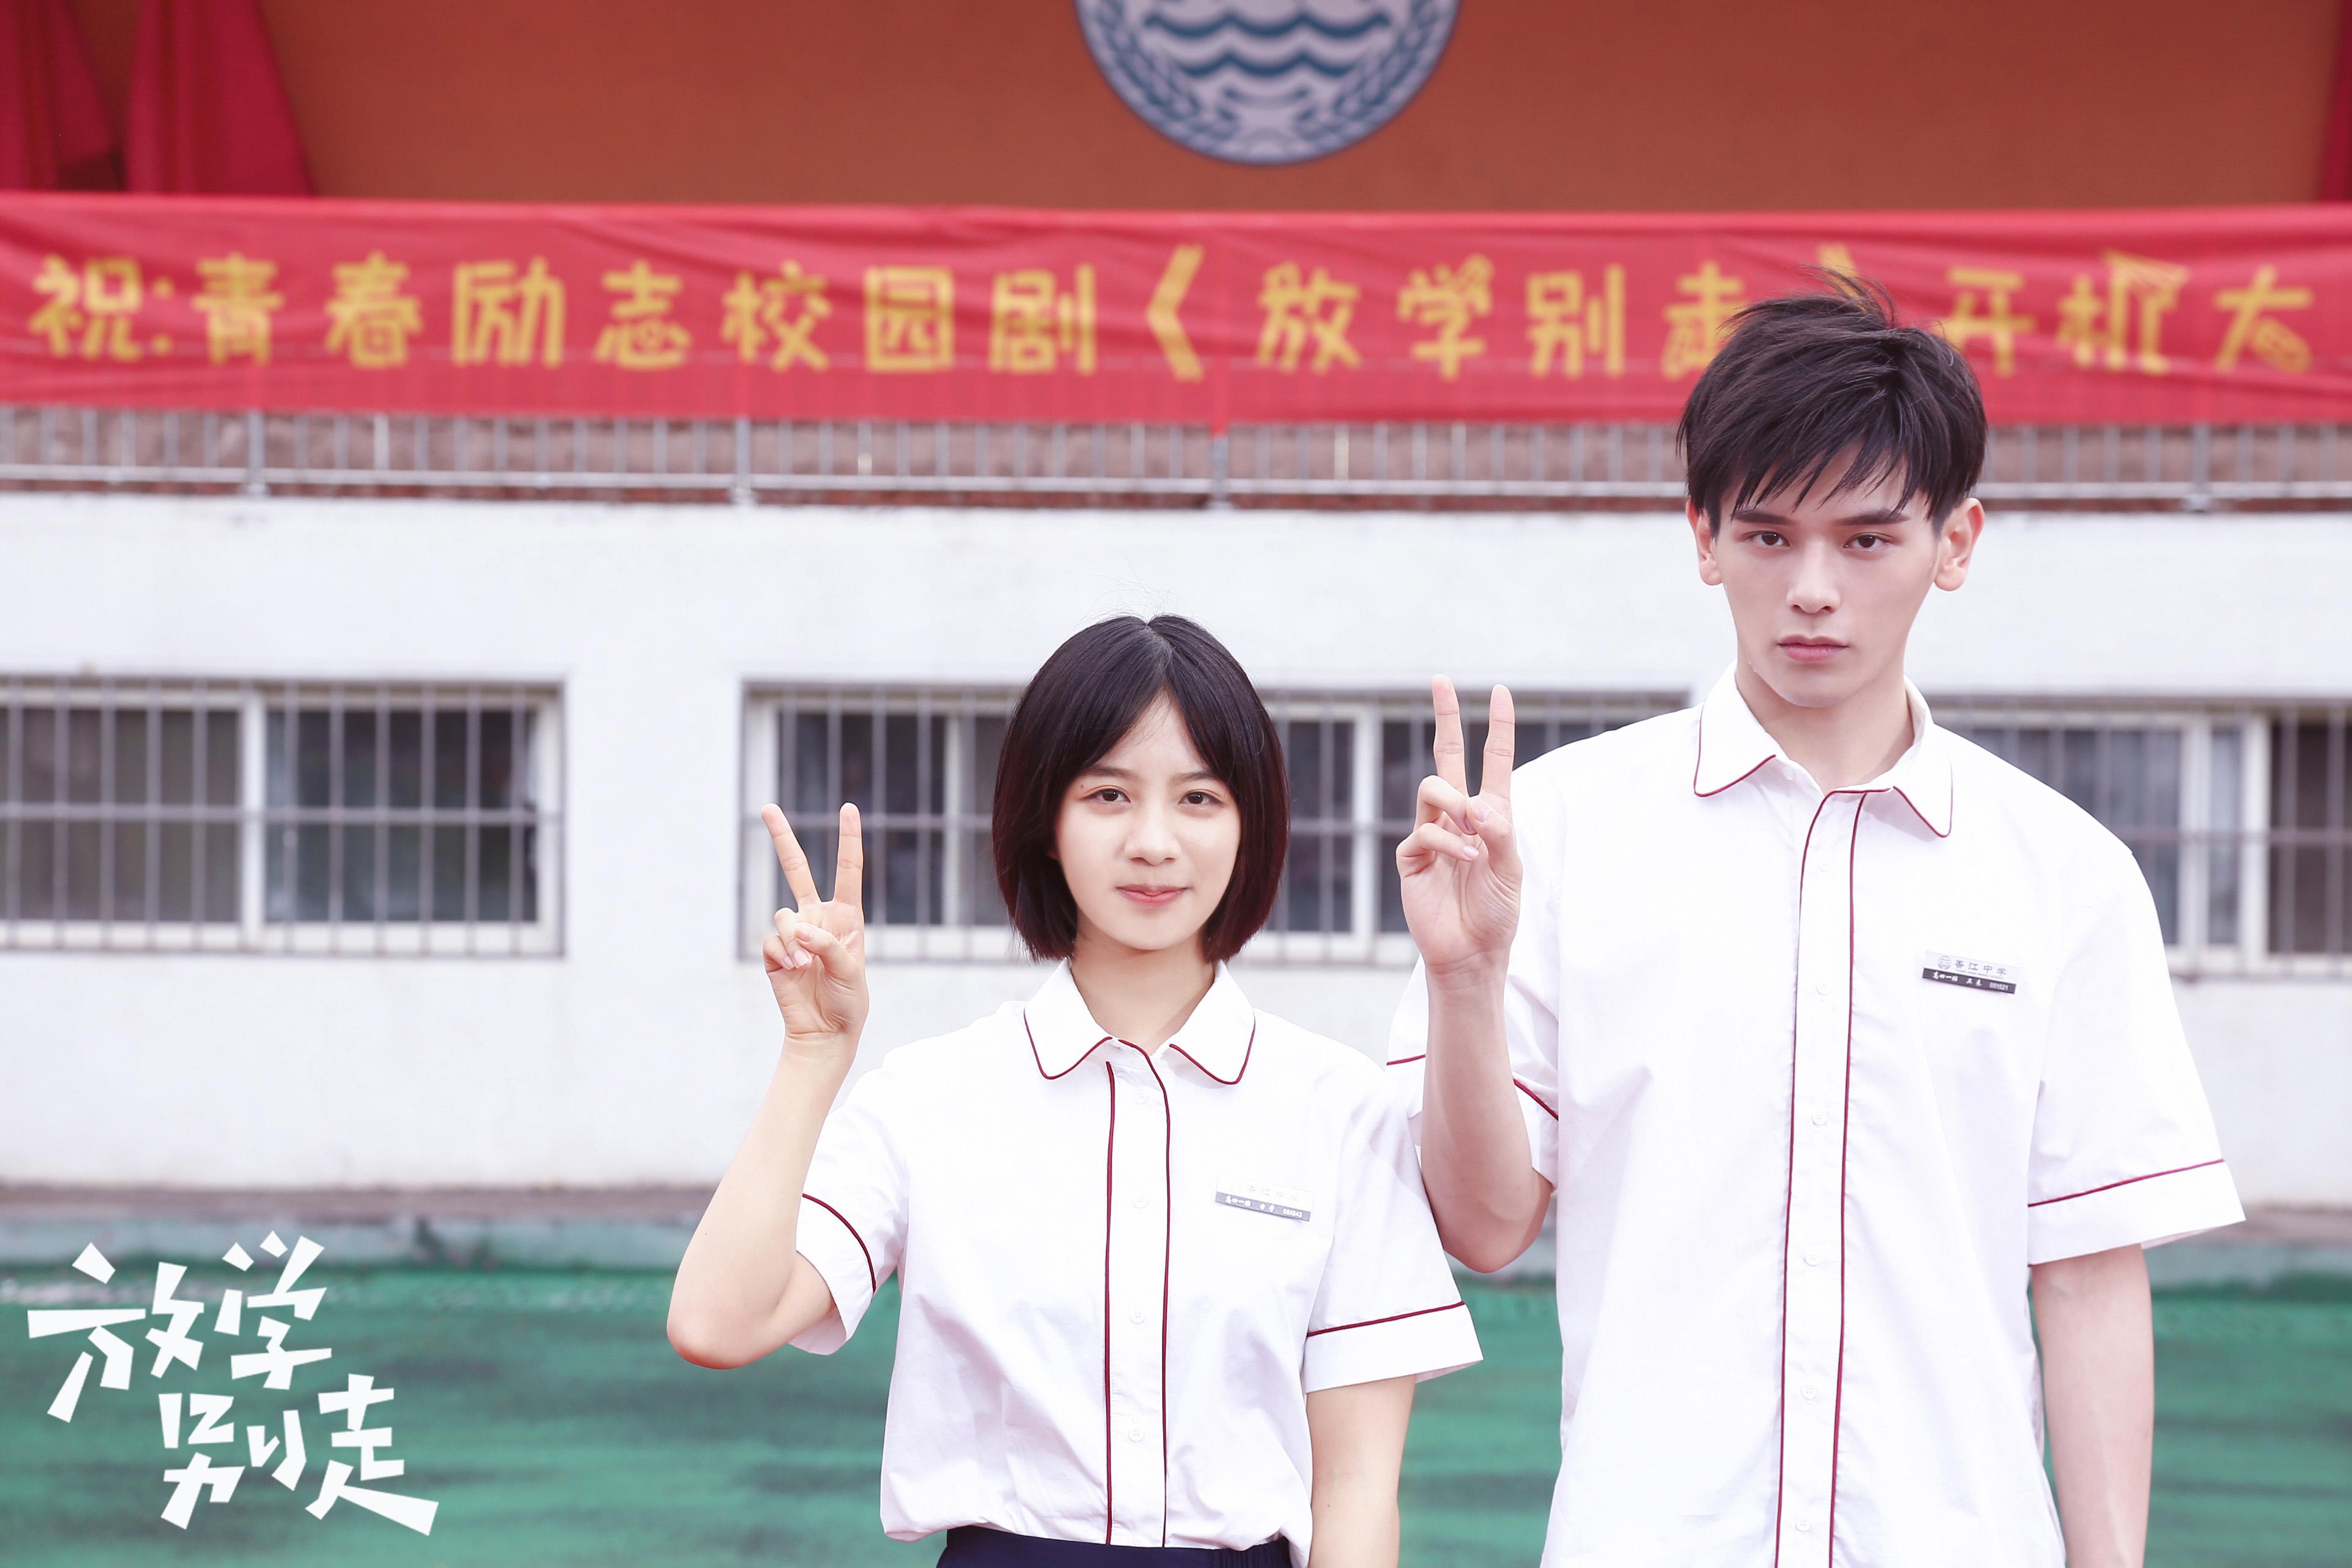 青春校园轻喜剧《放学别走》在青岛举行了开机仪式